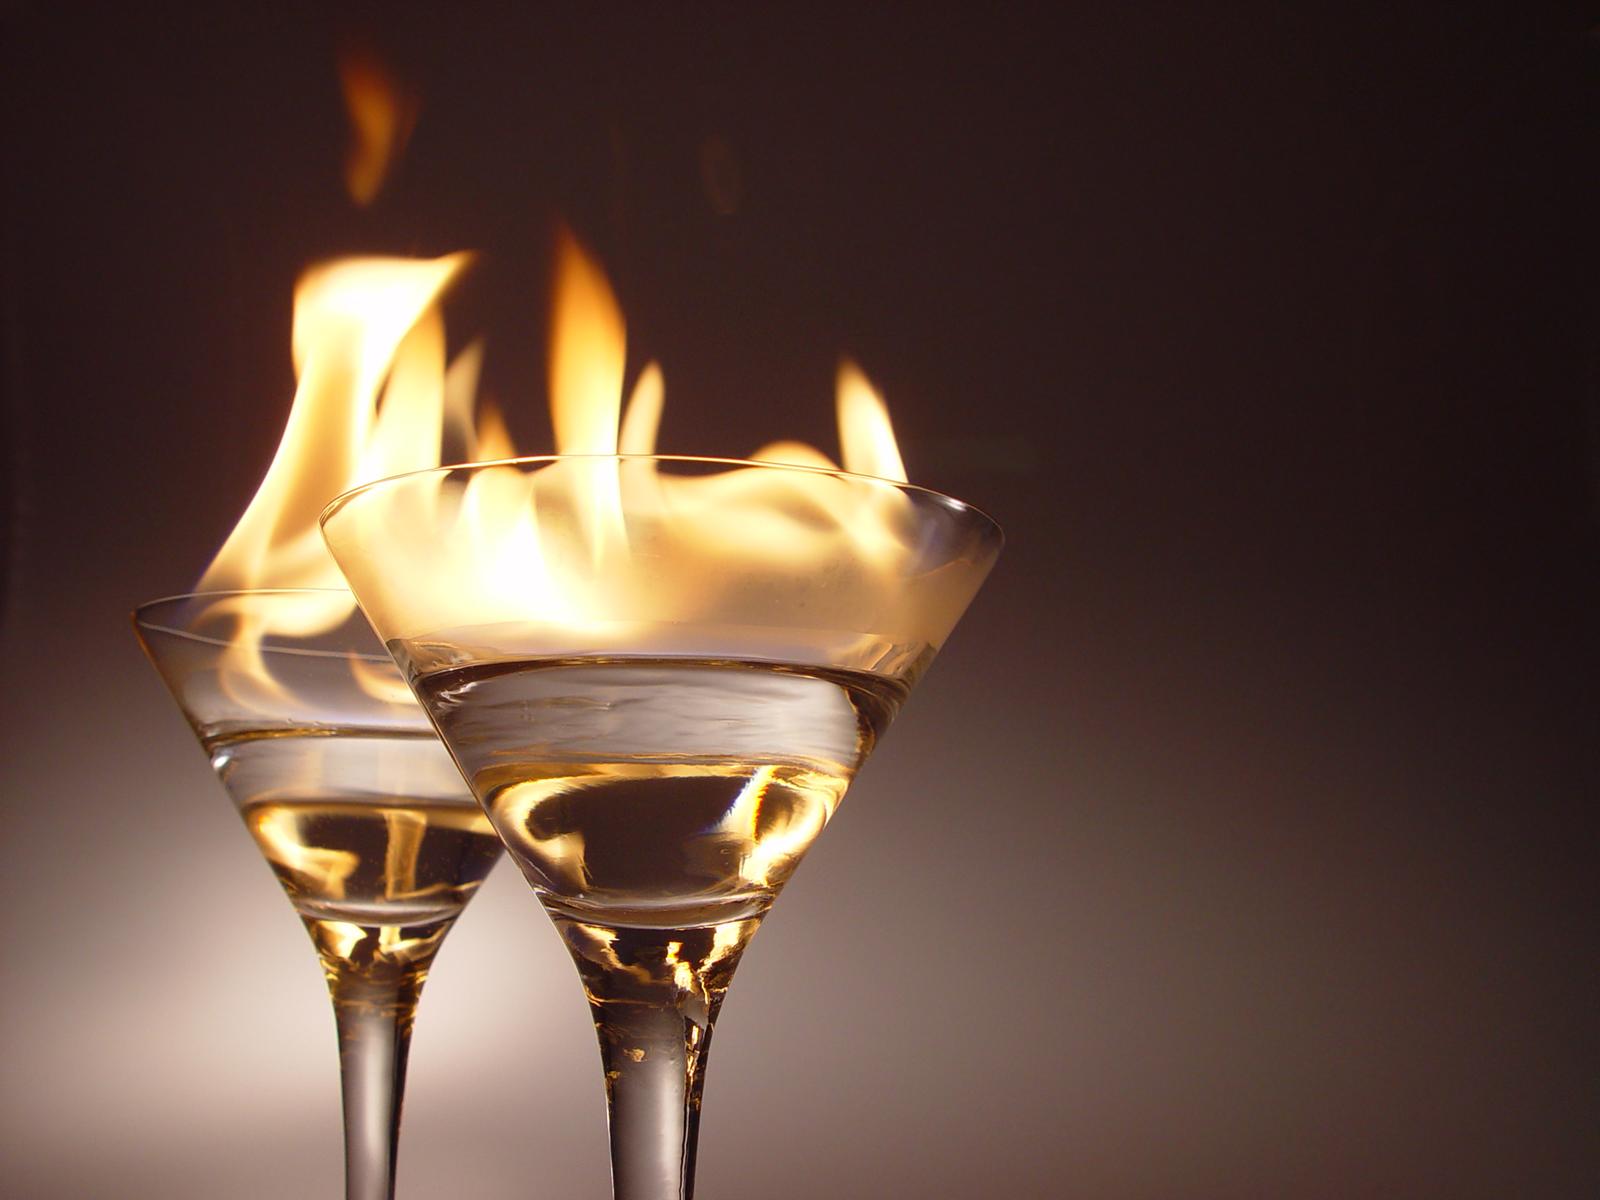 Для интернет-торговли спиртом хотят сделать специальную доменную зону